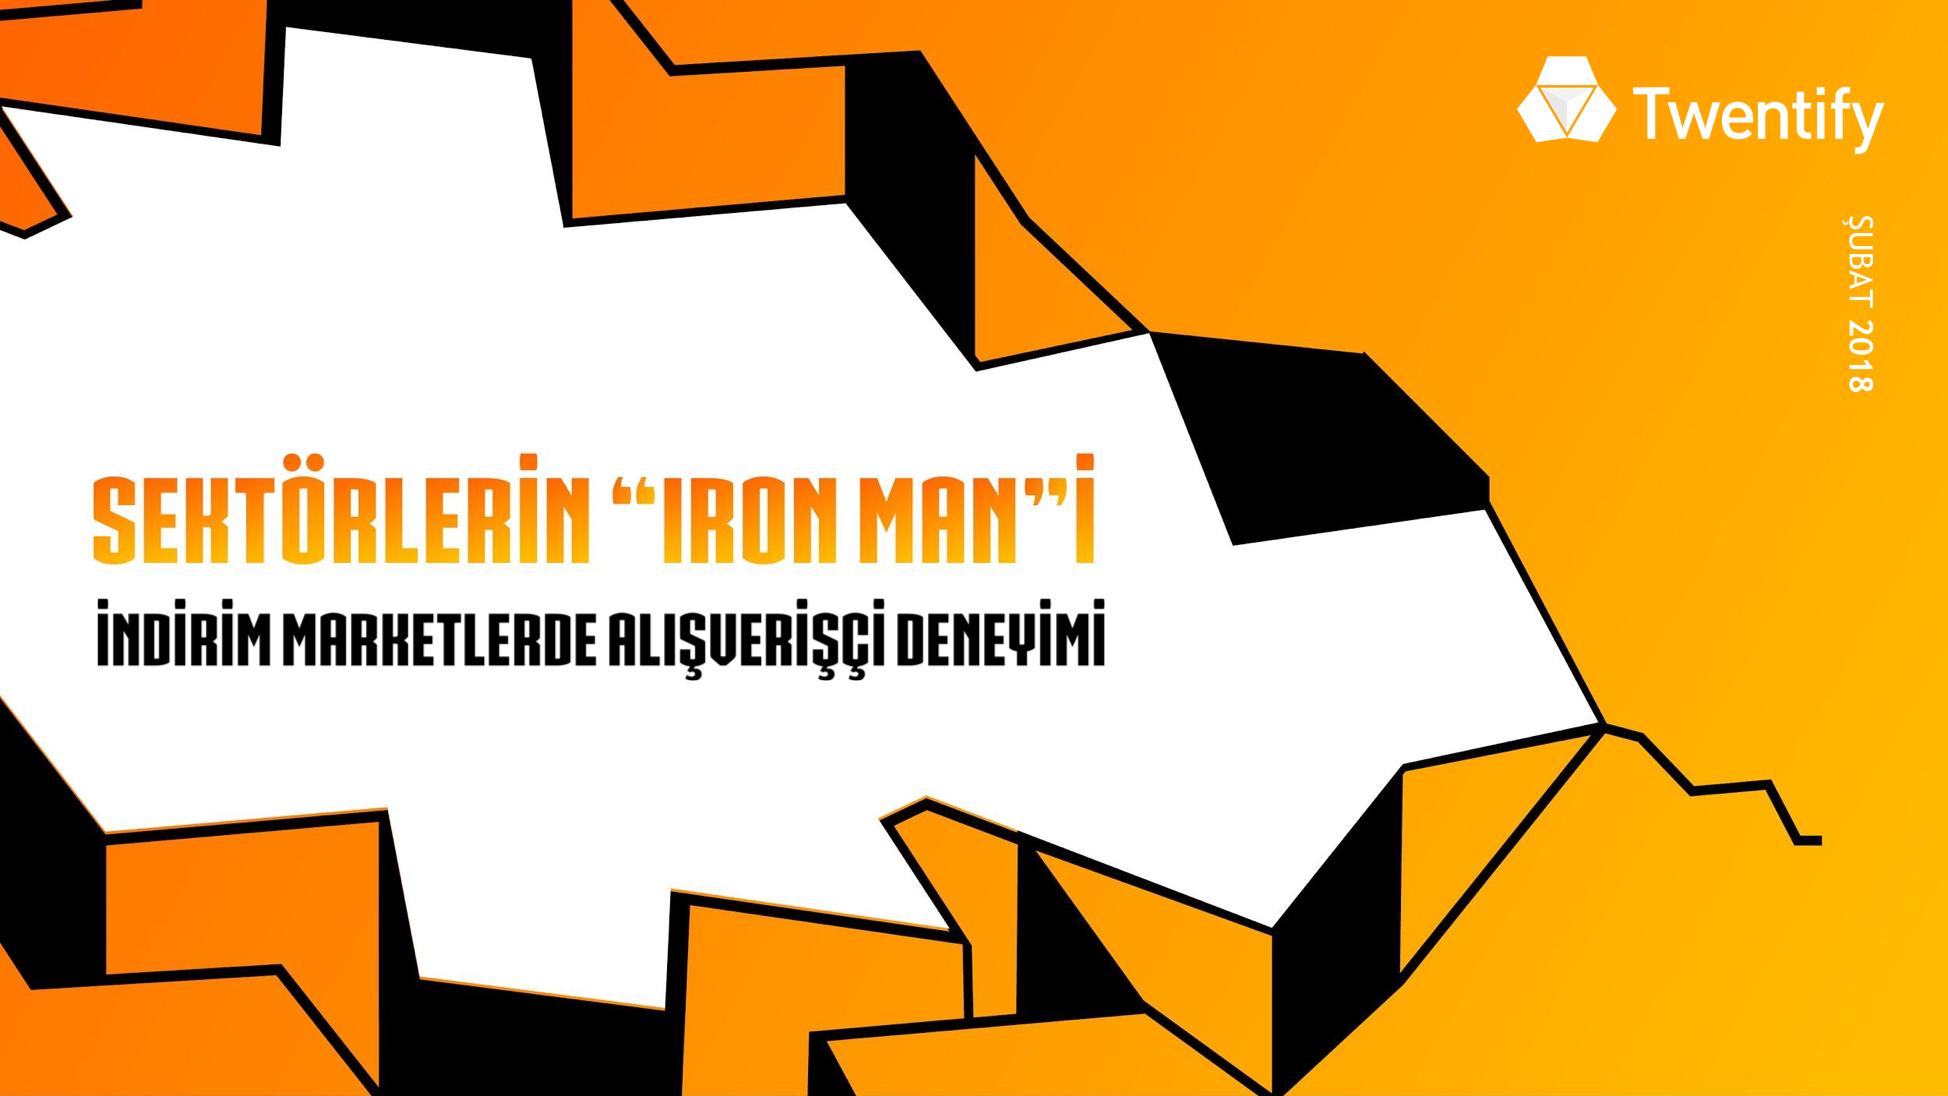 Sektörlerin _Iron Man_i İndirim Marketlerde Alışverişçi Deneyimi